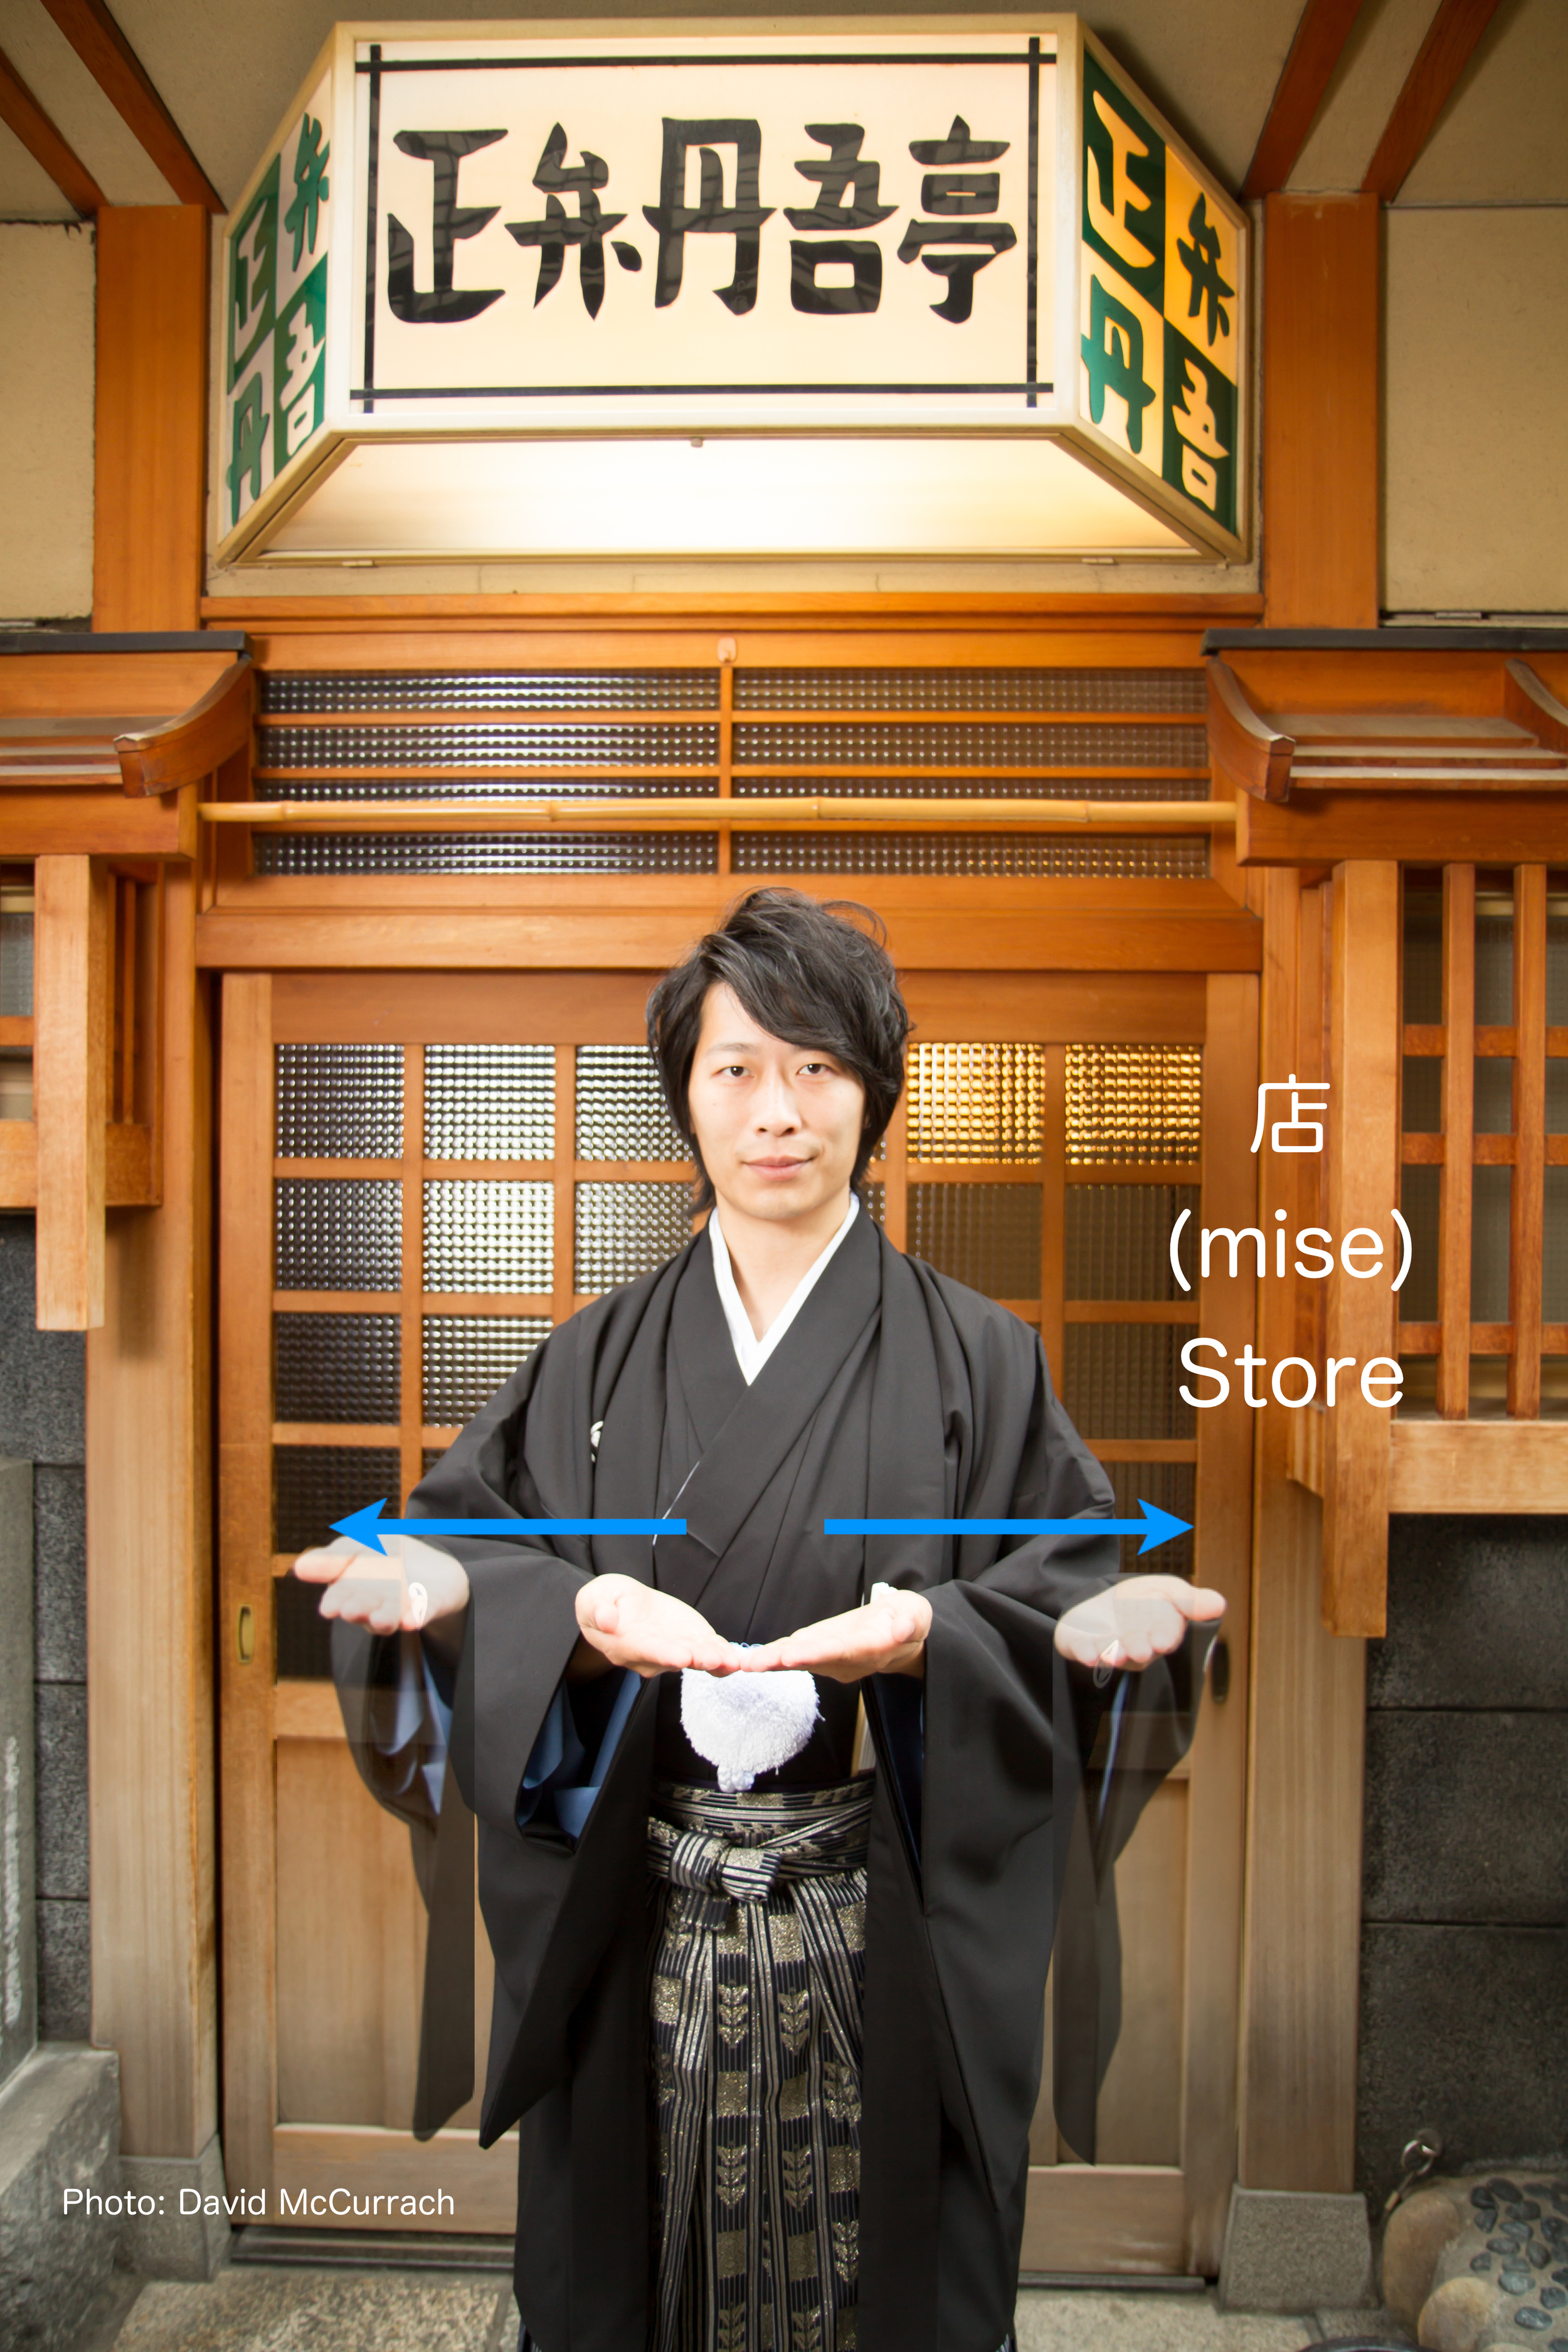 店 (mise) Store